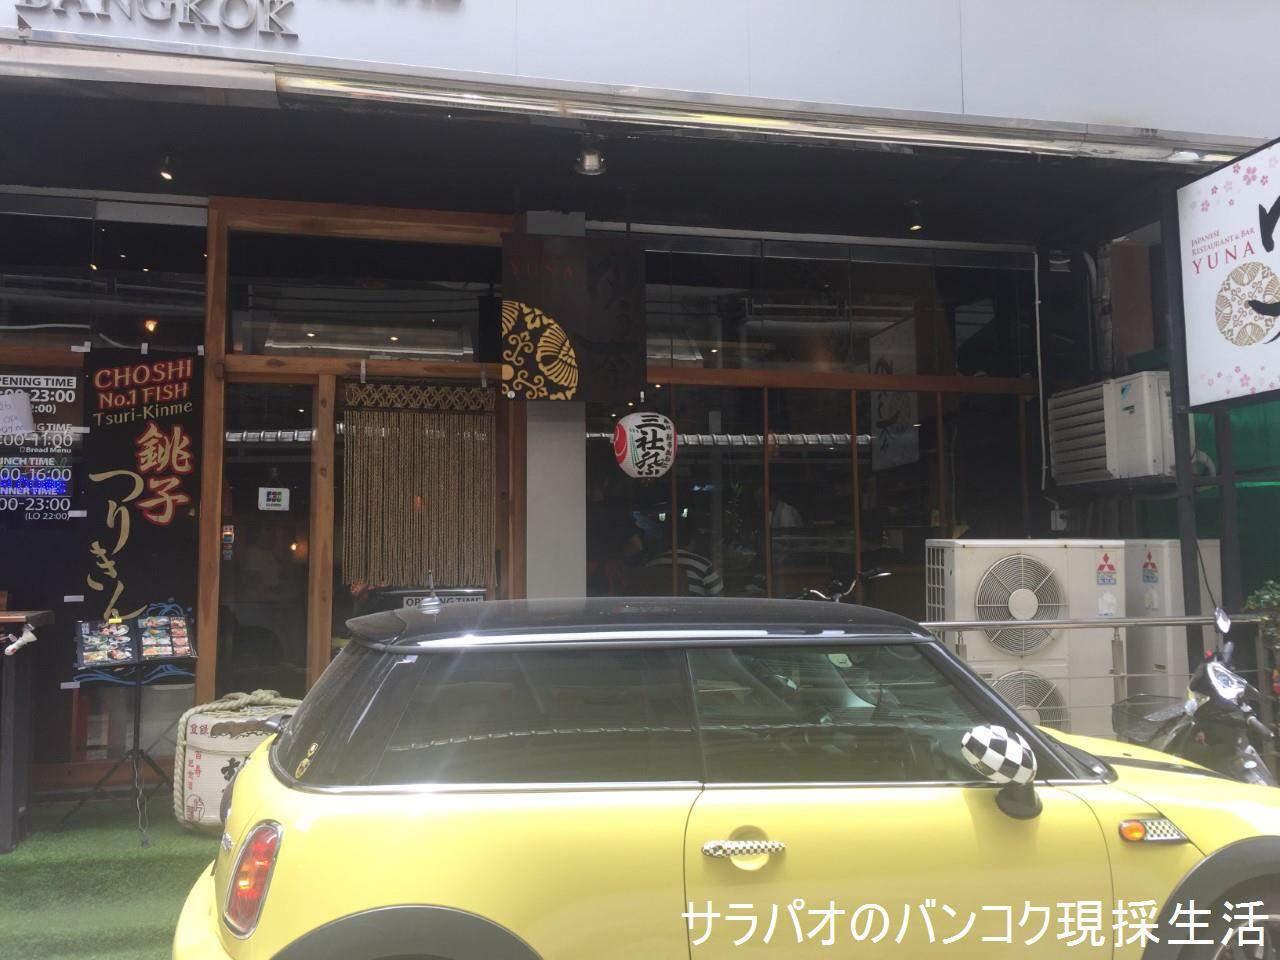 Yuna_31.jpg